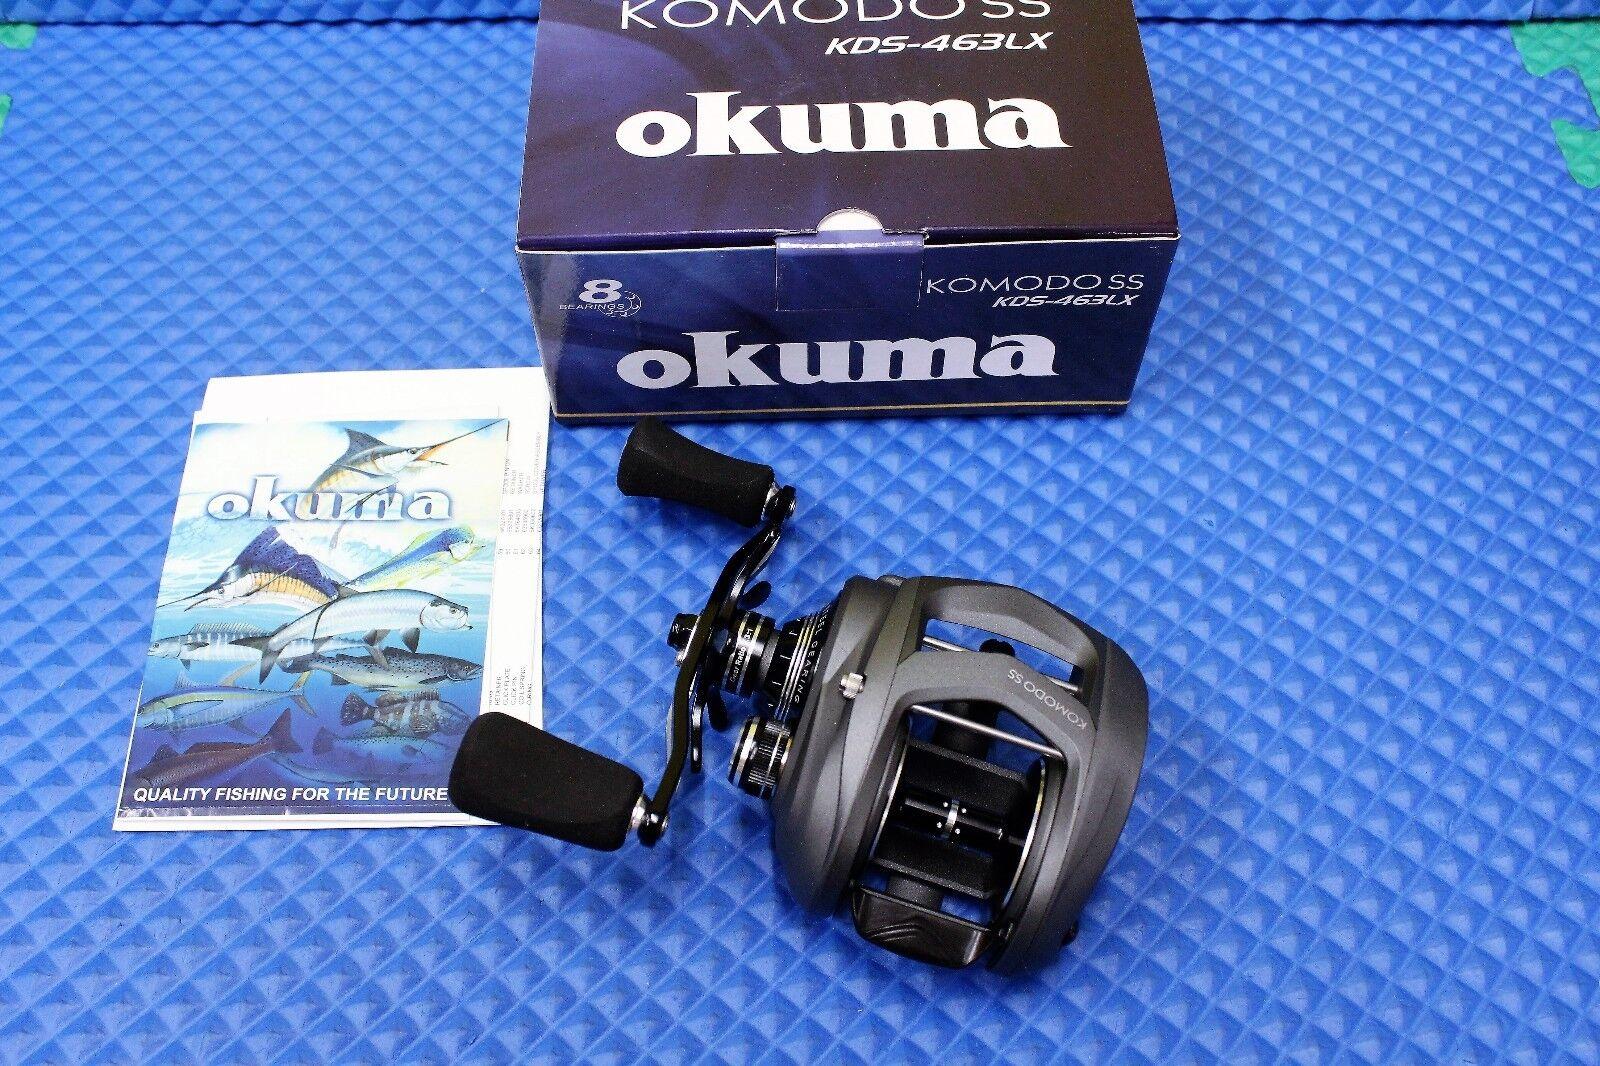 Okuma Komodo SS Left Hand Retrieve Low Profile Baitcast Reel KDS-463LX